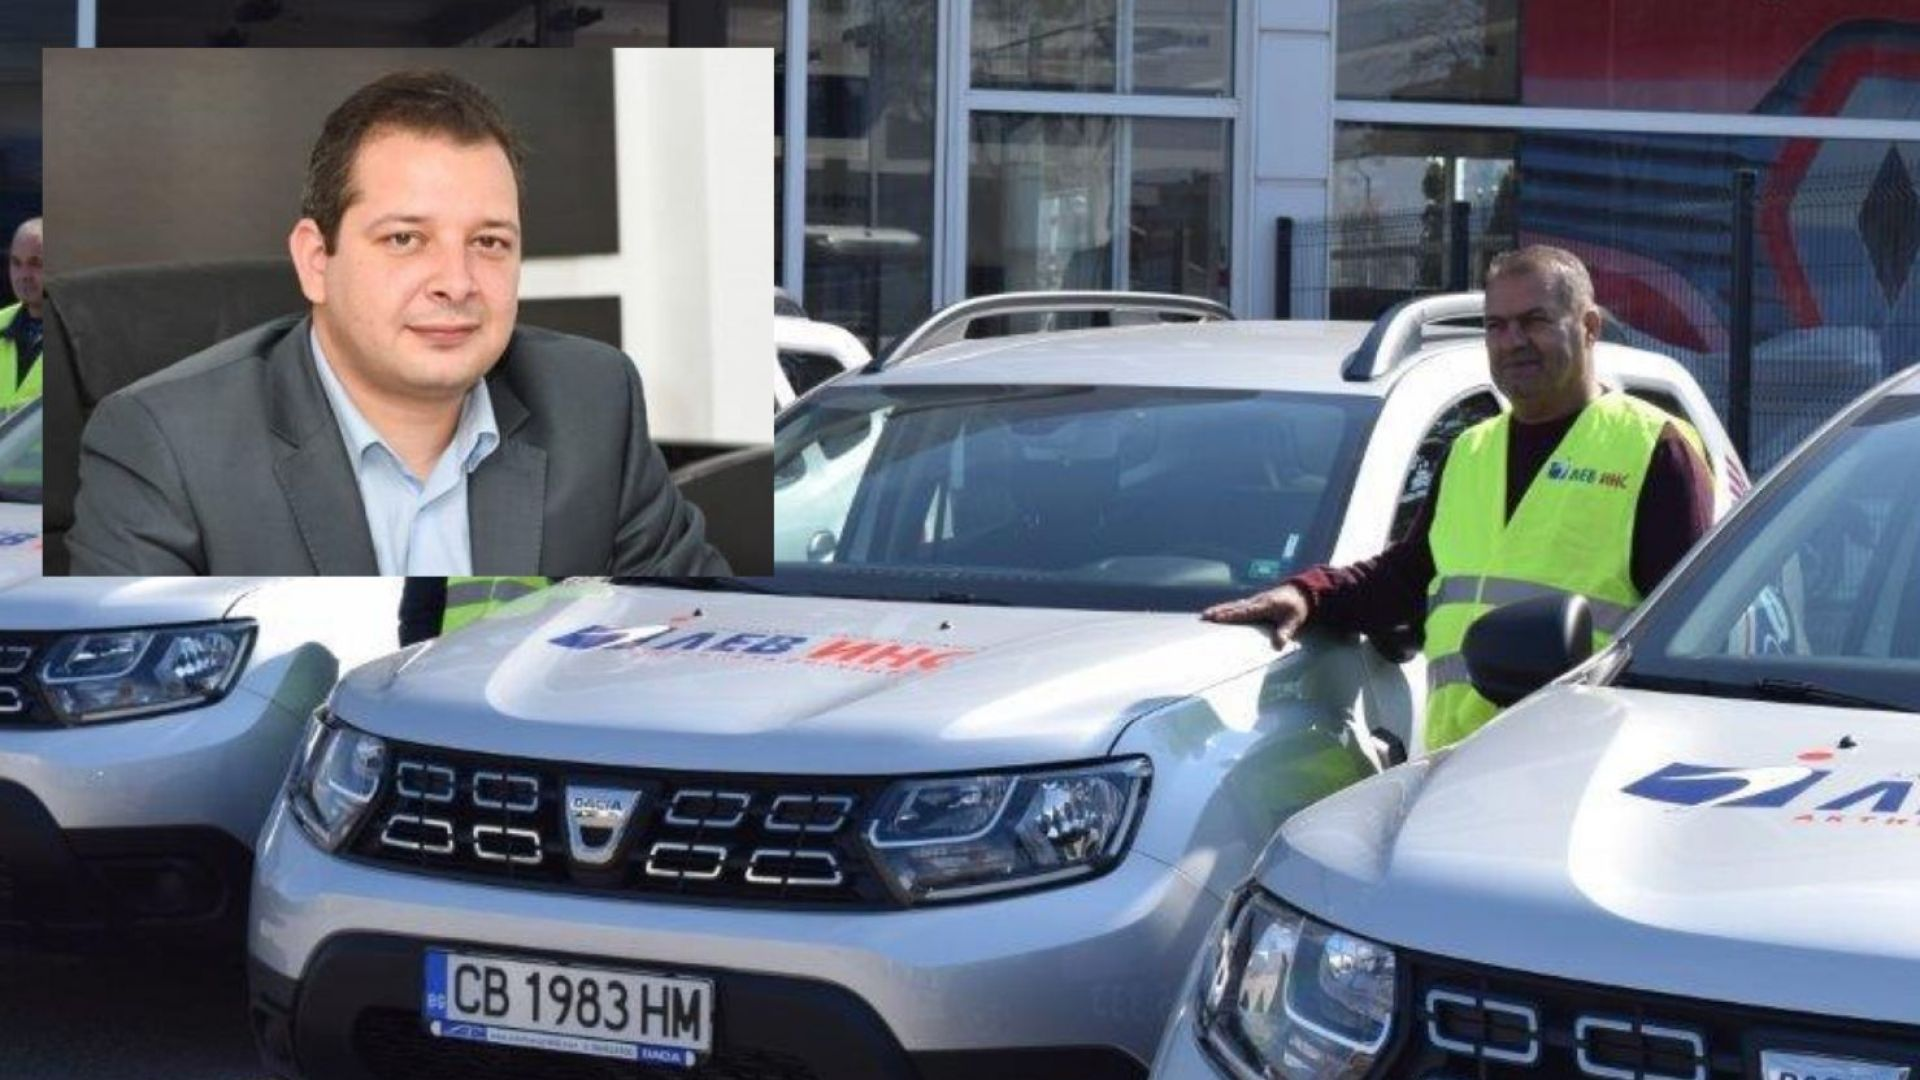 """Павел Димитров, изпълнителен директор на ЗК """"Лев Инс"""": Застрахователните измами са бизнес"""